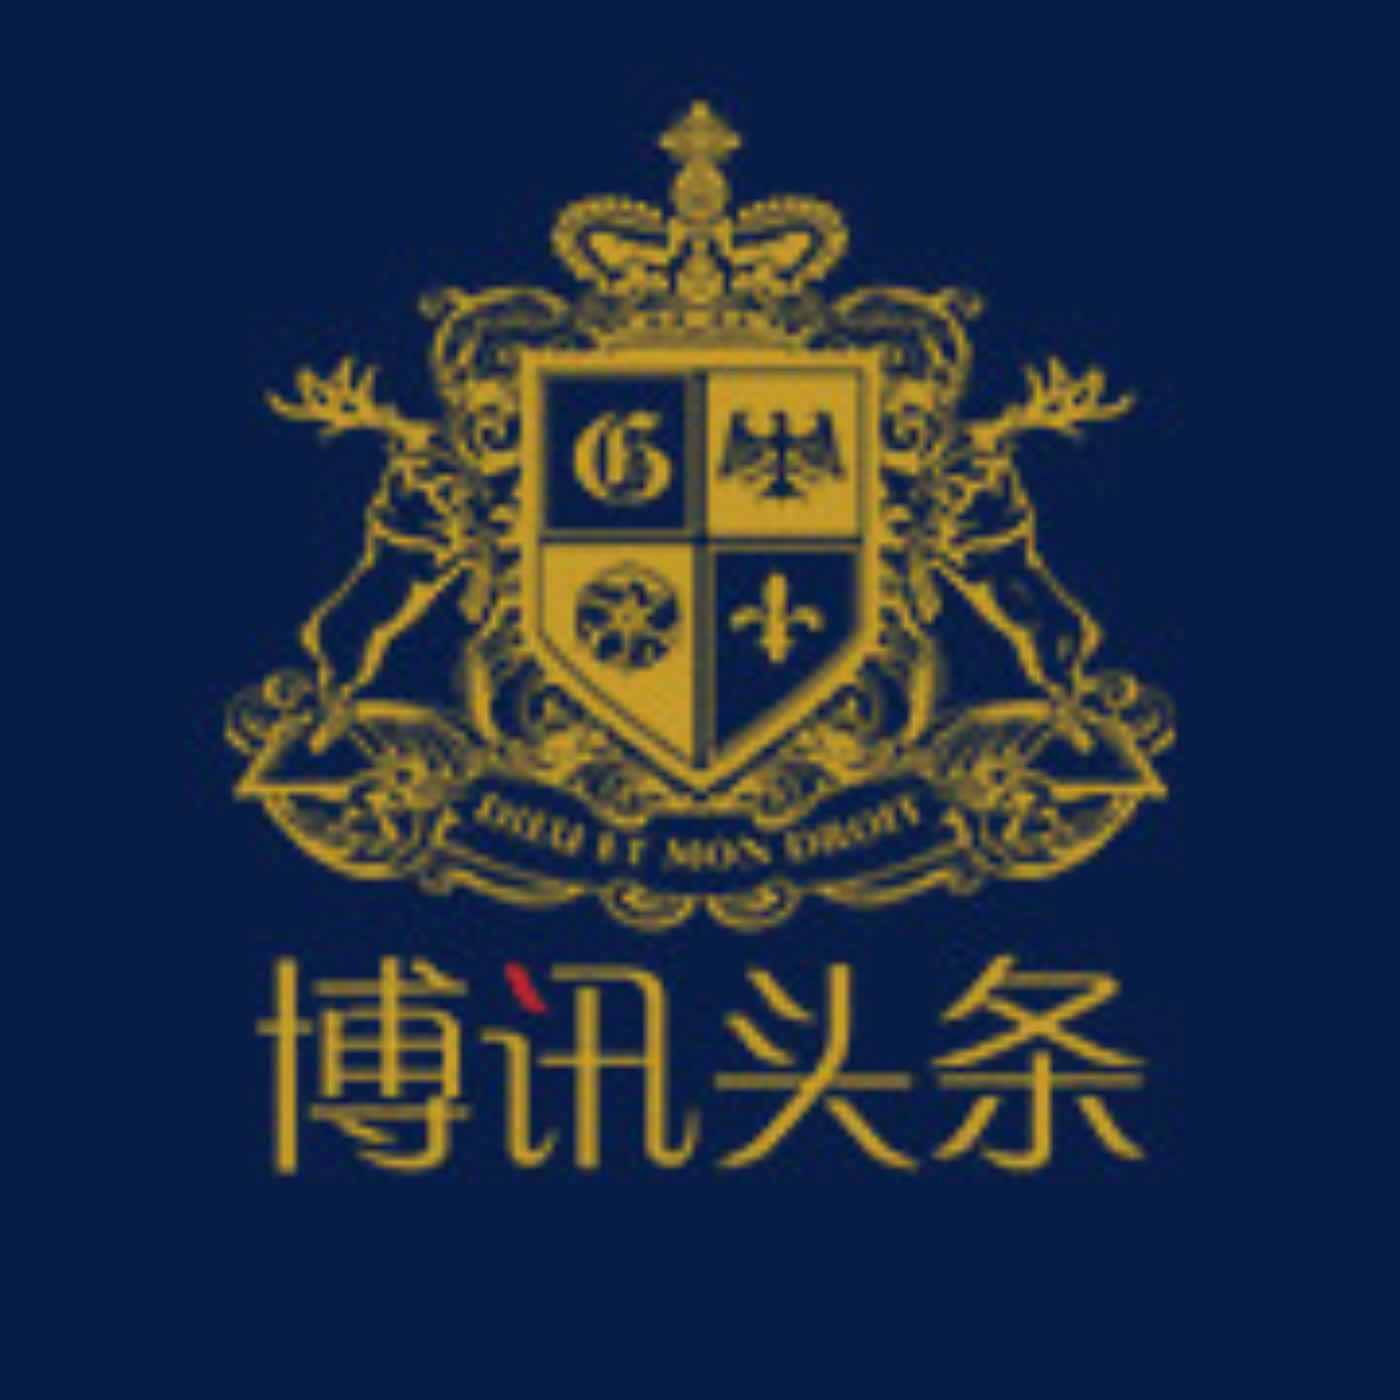 【博讯头条】  一周博彩要闻 2020/11/1-7